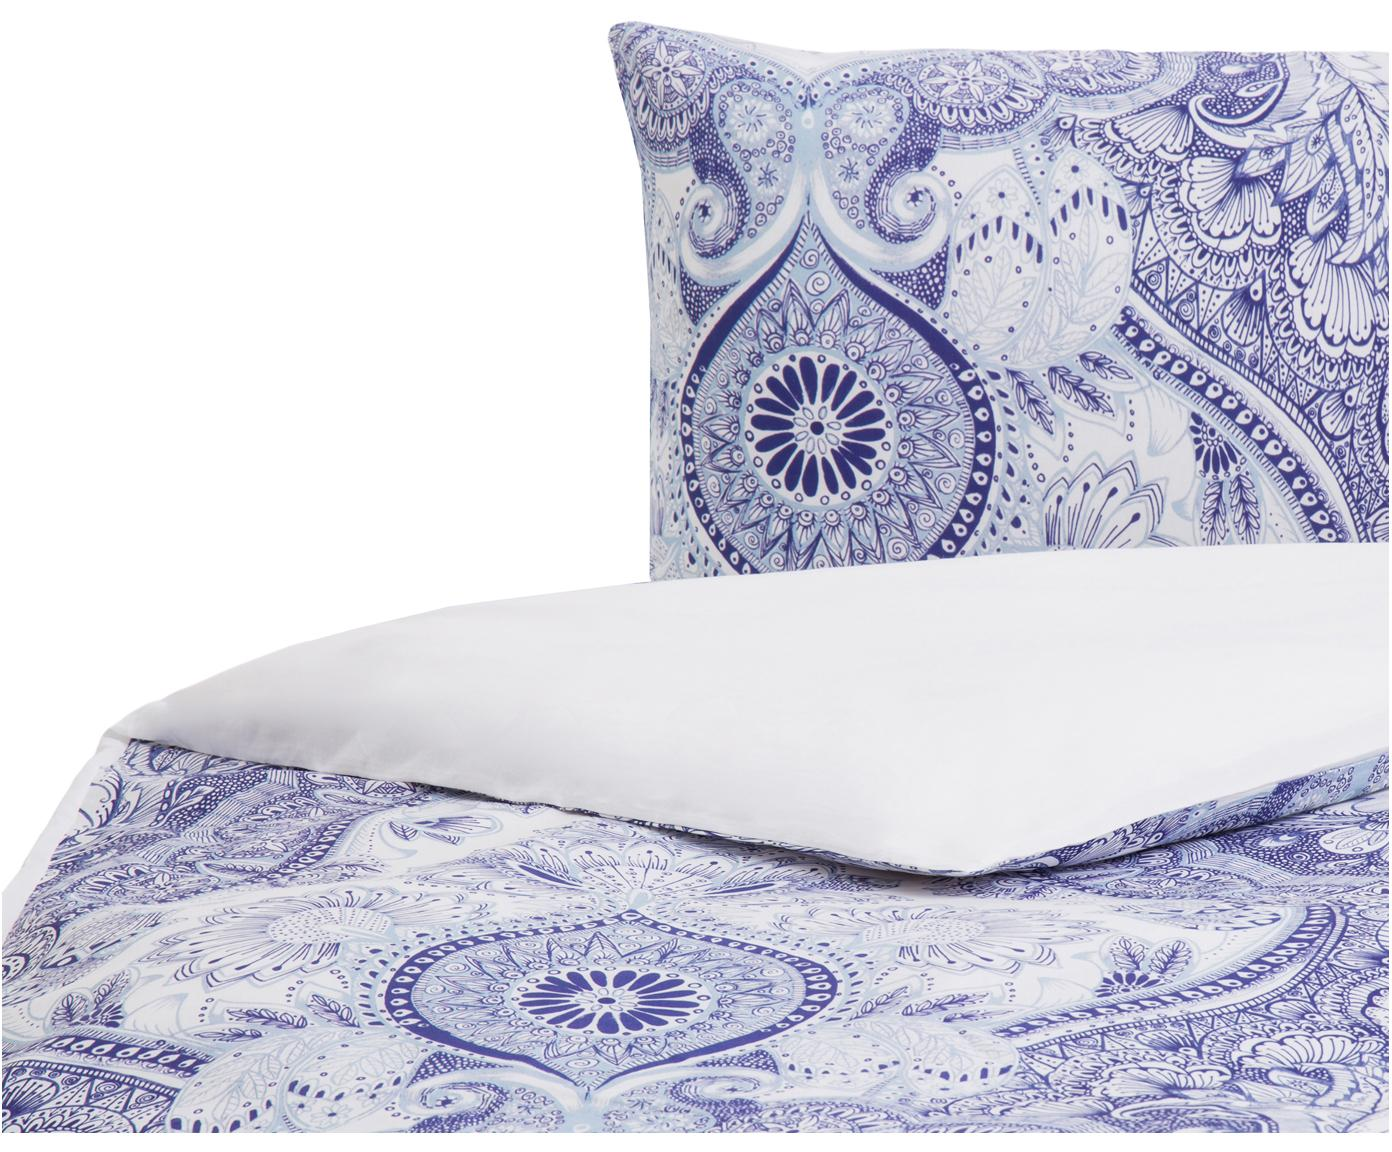 Parure copripiumino in cotone Lato, Cotone, Fronte: tonalità blu, bianco, retro: bianco, 155 x 200 cm